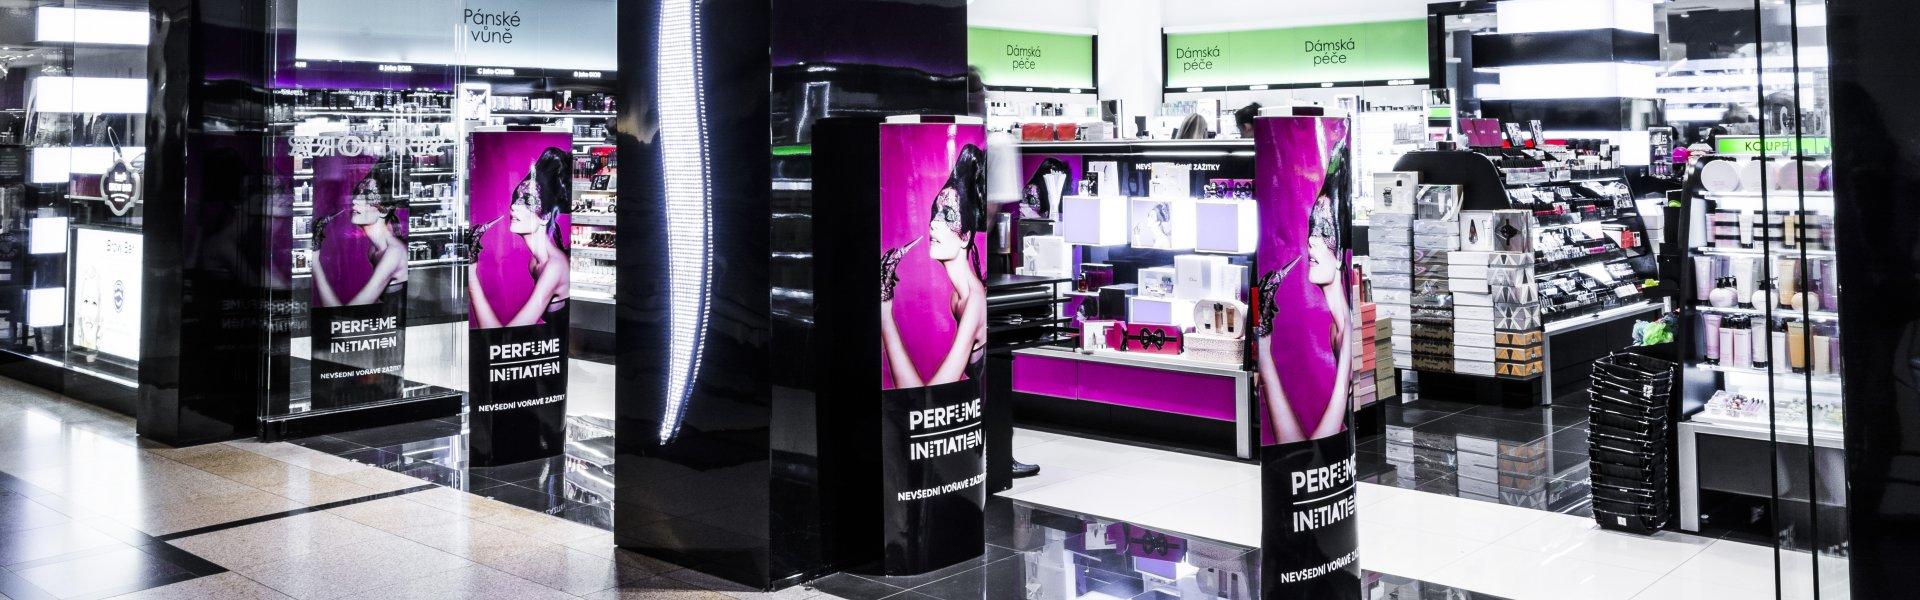 Parfumerie Sephora Palladium Praha